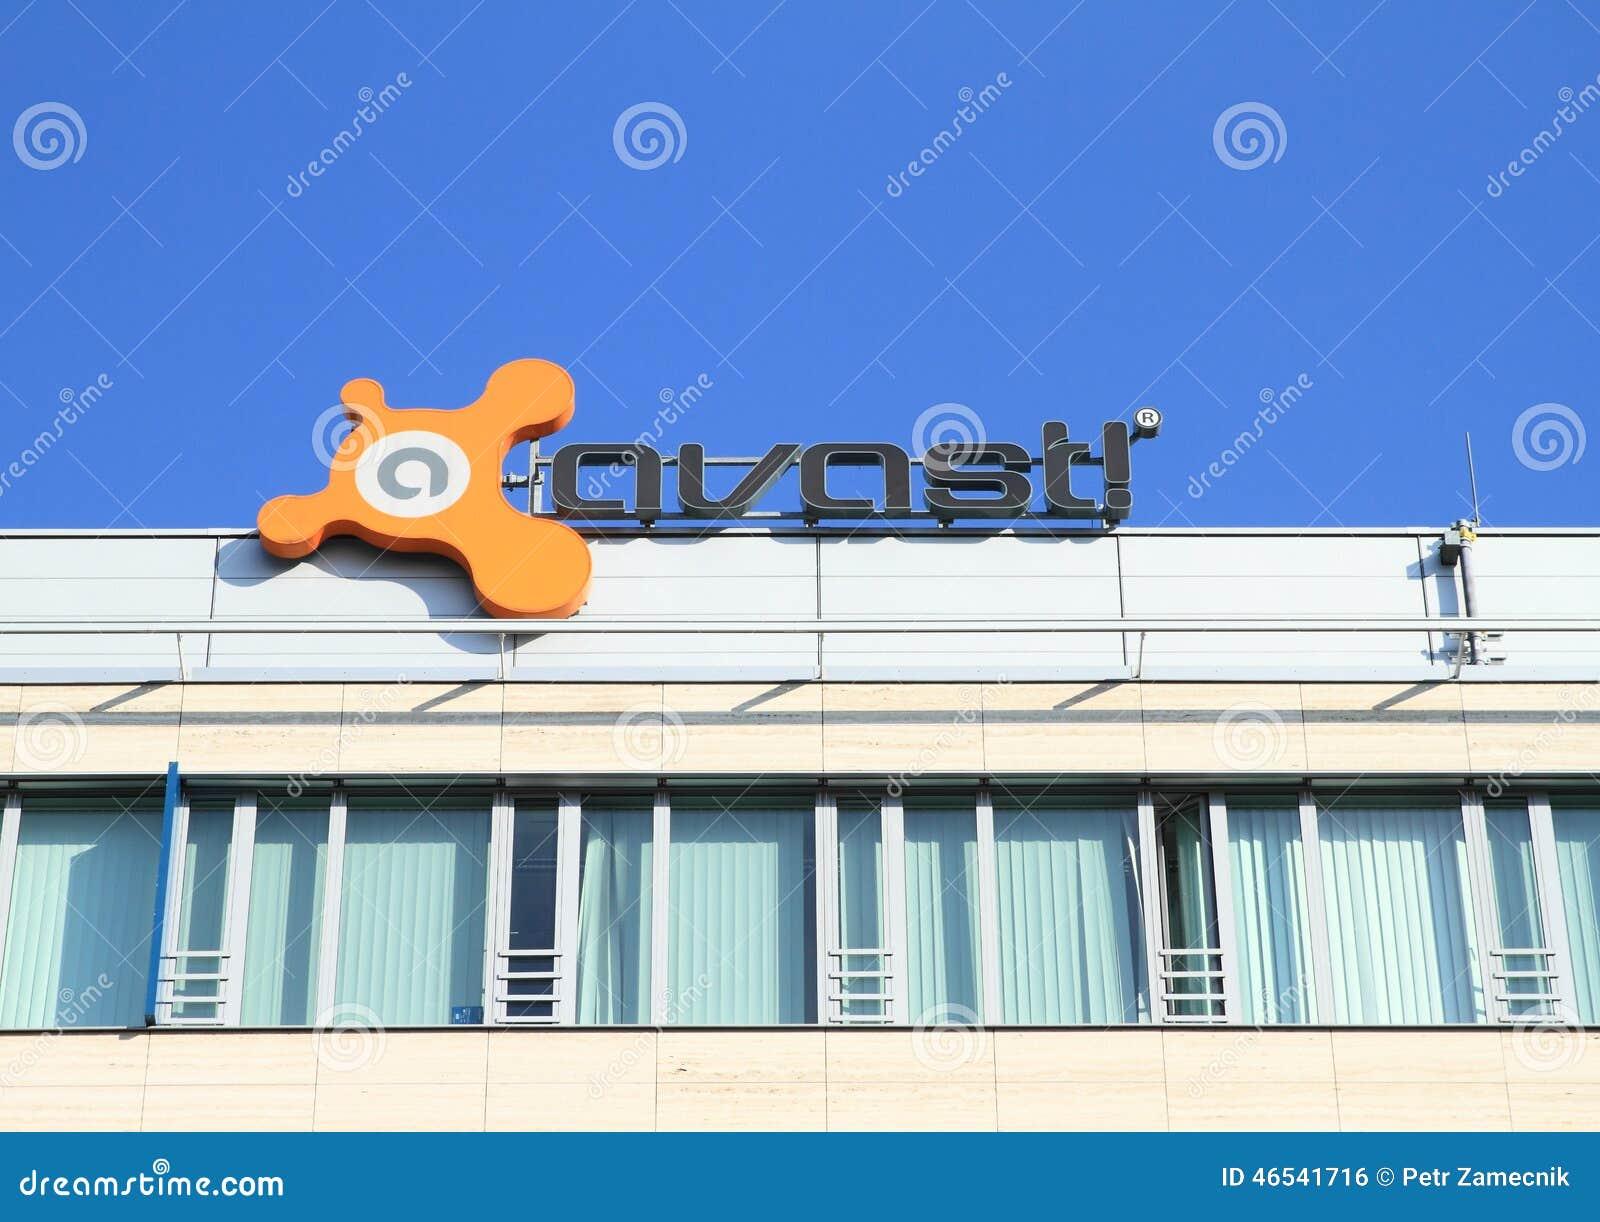 avast company address